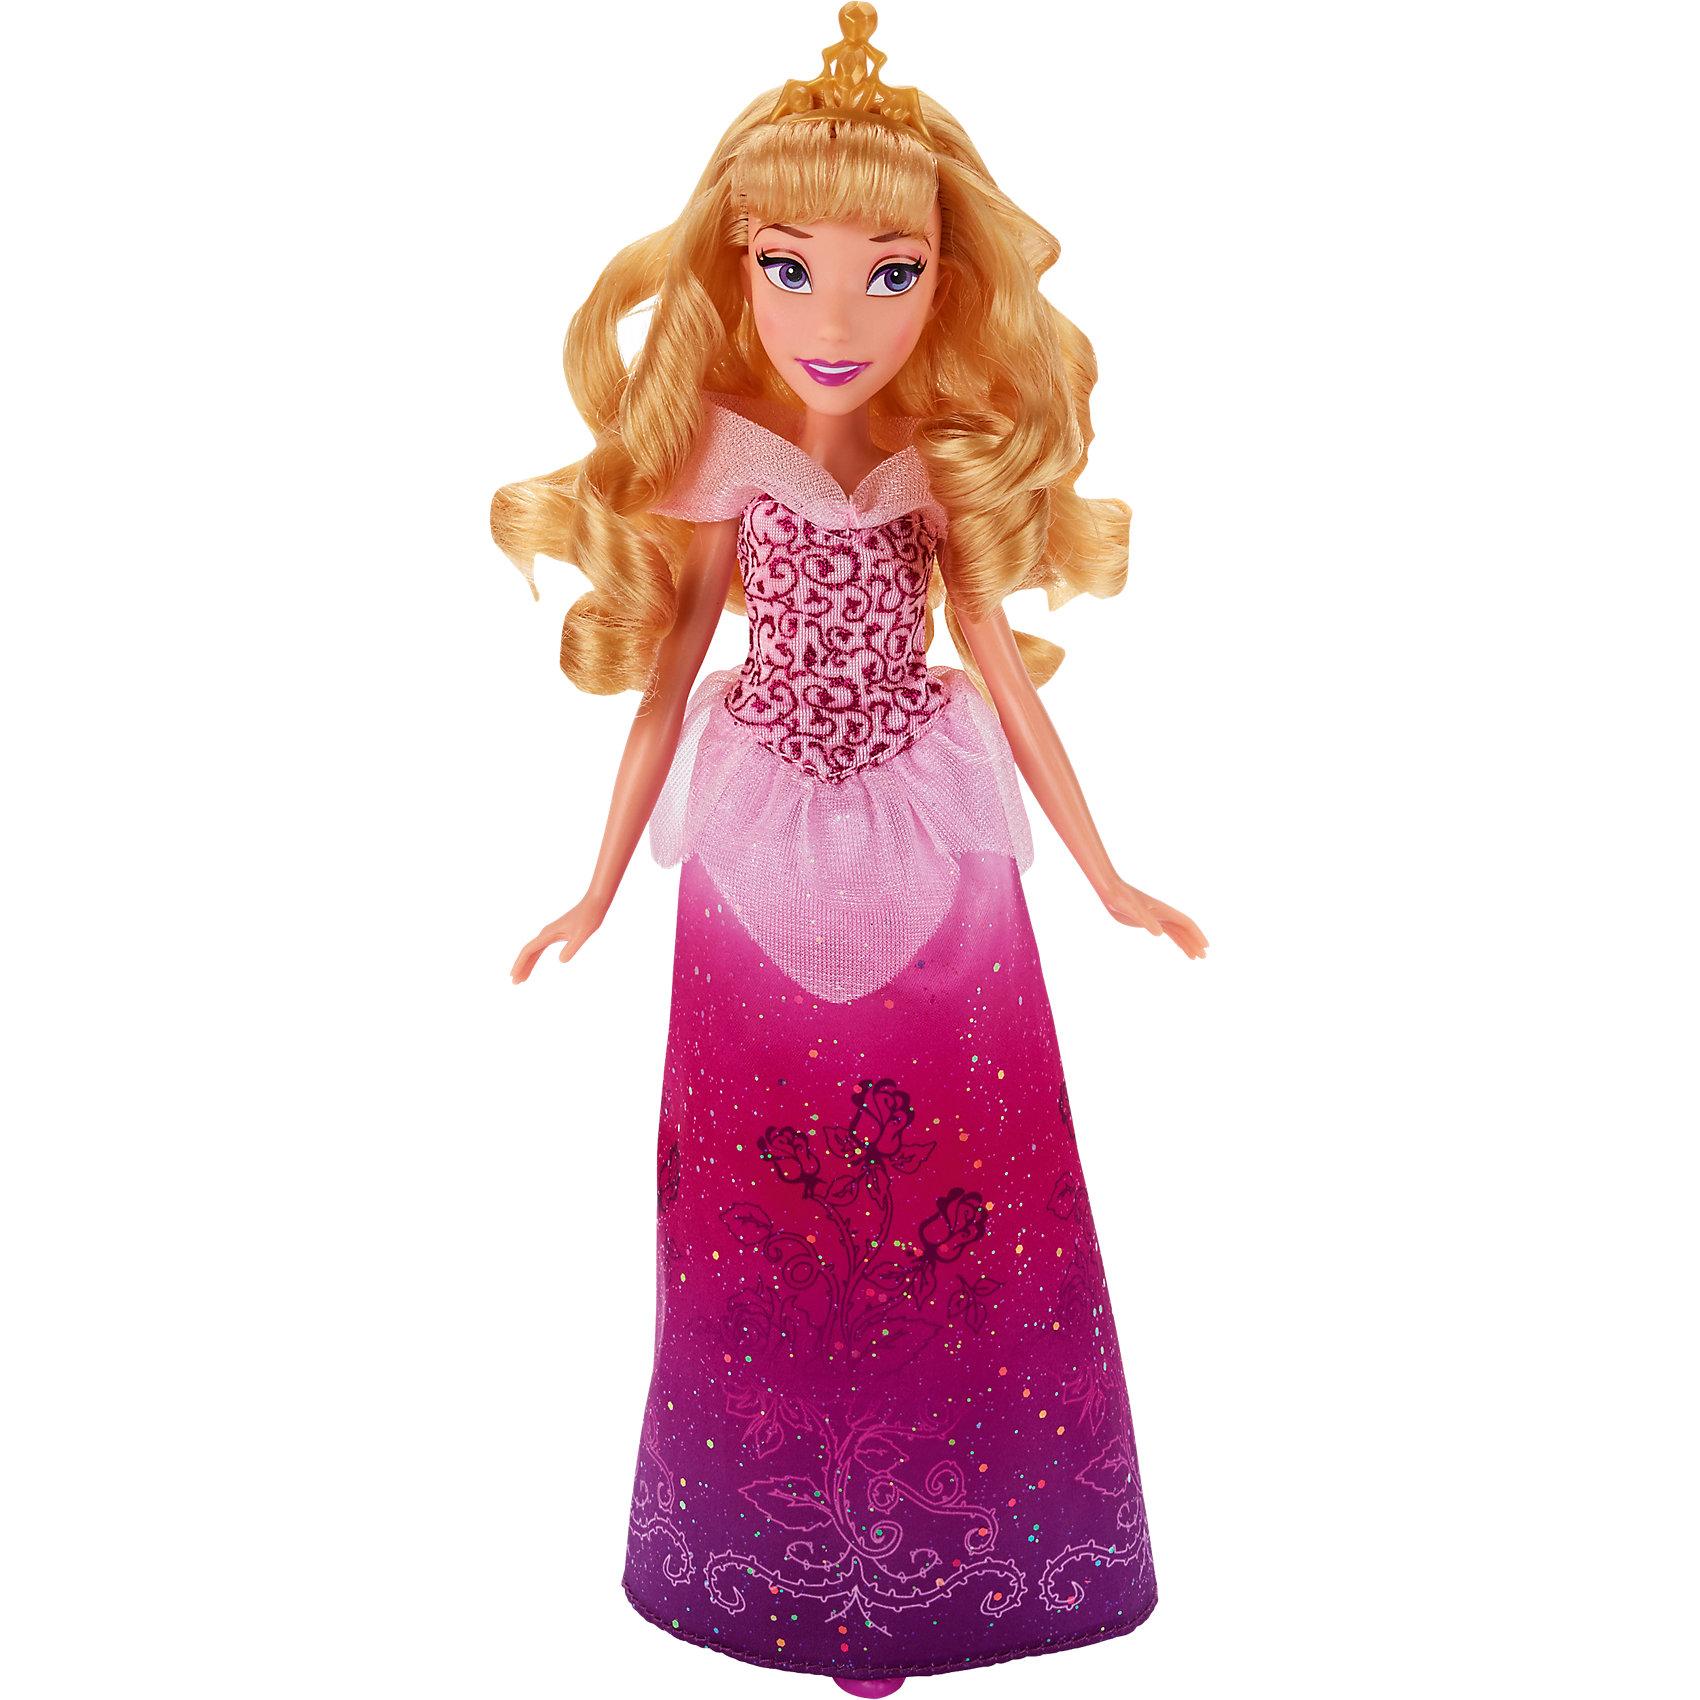 Кукла Принцесса Аврора, Принцессы ДиснейКукла Принцесса Аврора, Принцессы Дисней (Disney Princess), станет прекрасным подарком для всех маленьких поклонниц диснеевских сказок. Кукла очень похожа на свою героиню из популярного мультфильма Спящая красавица. У нее длинные золотистые волосы, которые можно расчесывать и делать различные прически, и красивое личико с ярким макияжем. На Авроре роскошное розовое платье, украшенное блестками, изысканными узорами и воздушными оборками. Платье дополняют красивые розовые туфельки в тон платья и изящная диадема в волосах. У куклы подвижные руки, ноги и голова, что позволяет ей принимать множество реалистичных поз. Очаровательная кукла прекрасно дополнит коллекцию диснеевских принцесс.<br><br><br>Дополнительная информация:<br><br>- Материал: пластик, текстиль.<br>- Высота куклы: 28 см.<br>- Размер упаковки: 15 x 5 x 36 см.<br>- Вес: 0,31 кг.<br><br>Куклу Принцесса Аврора, Принцессы Дисней (Disney Princess), можно купить в нашем интернет-магазине.<br><br>Ширина мм: 323<br>Глубина мм: 152<br>Высота мм: 53<br>Вес г: 179<br>Возраст от месяцев: 36<br>Возраст до месяцев: 72<br>Пол: Женский<br>Возраст: Детский<br>SKU: 4351495